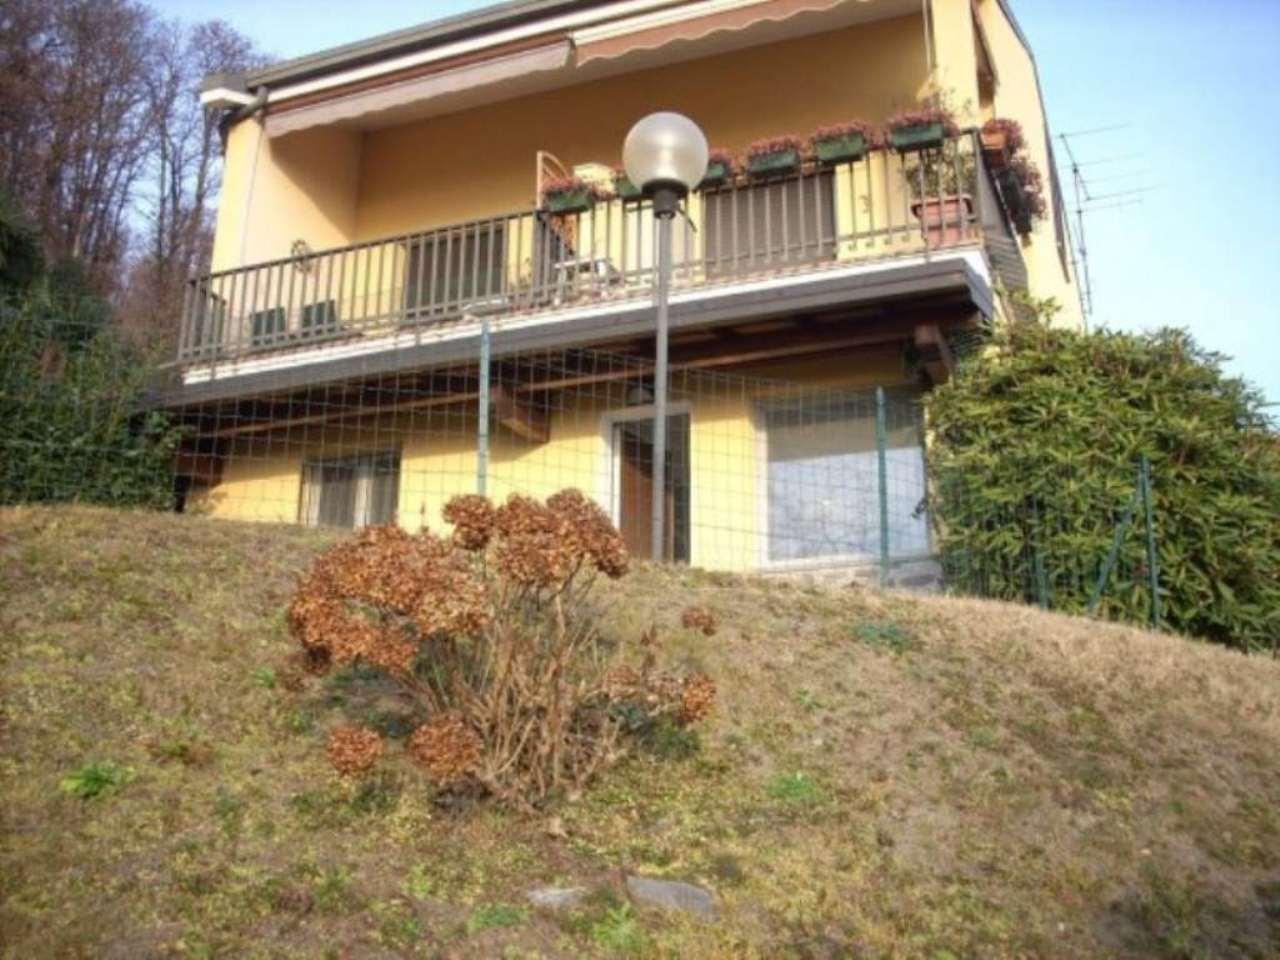 Appartamento in vendita a Belgirate, 2 locali, prezzo € 150.000 | CambioCasa.it